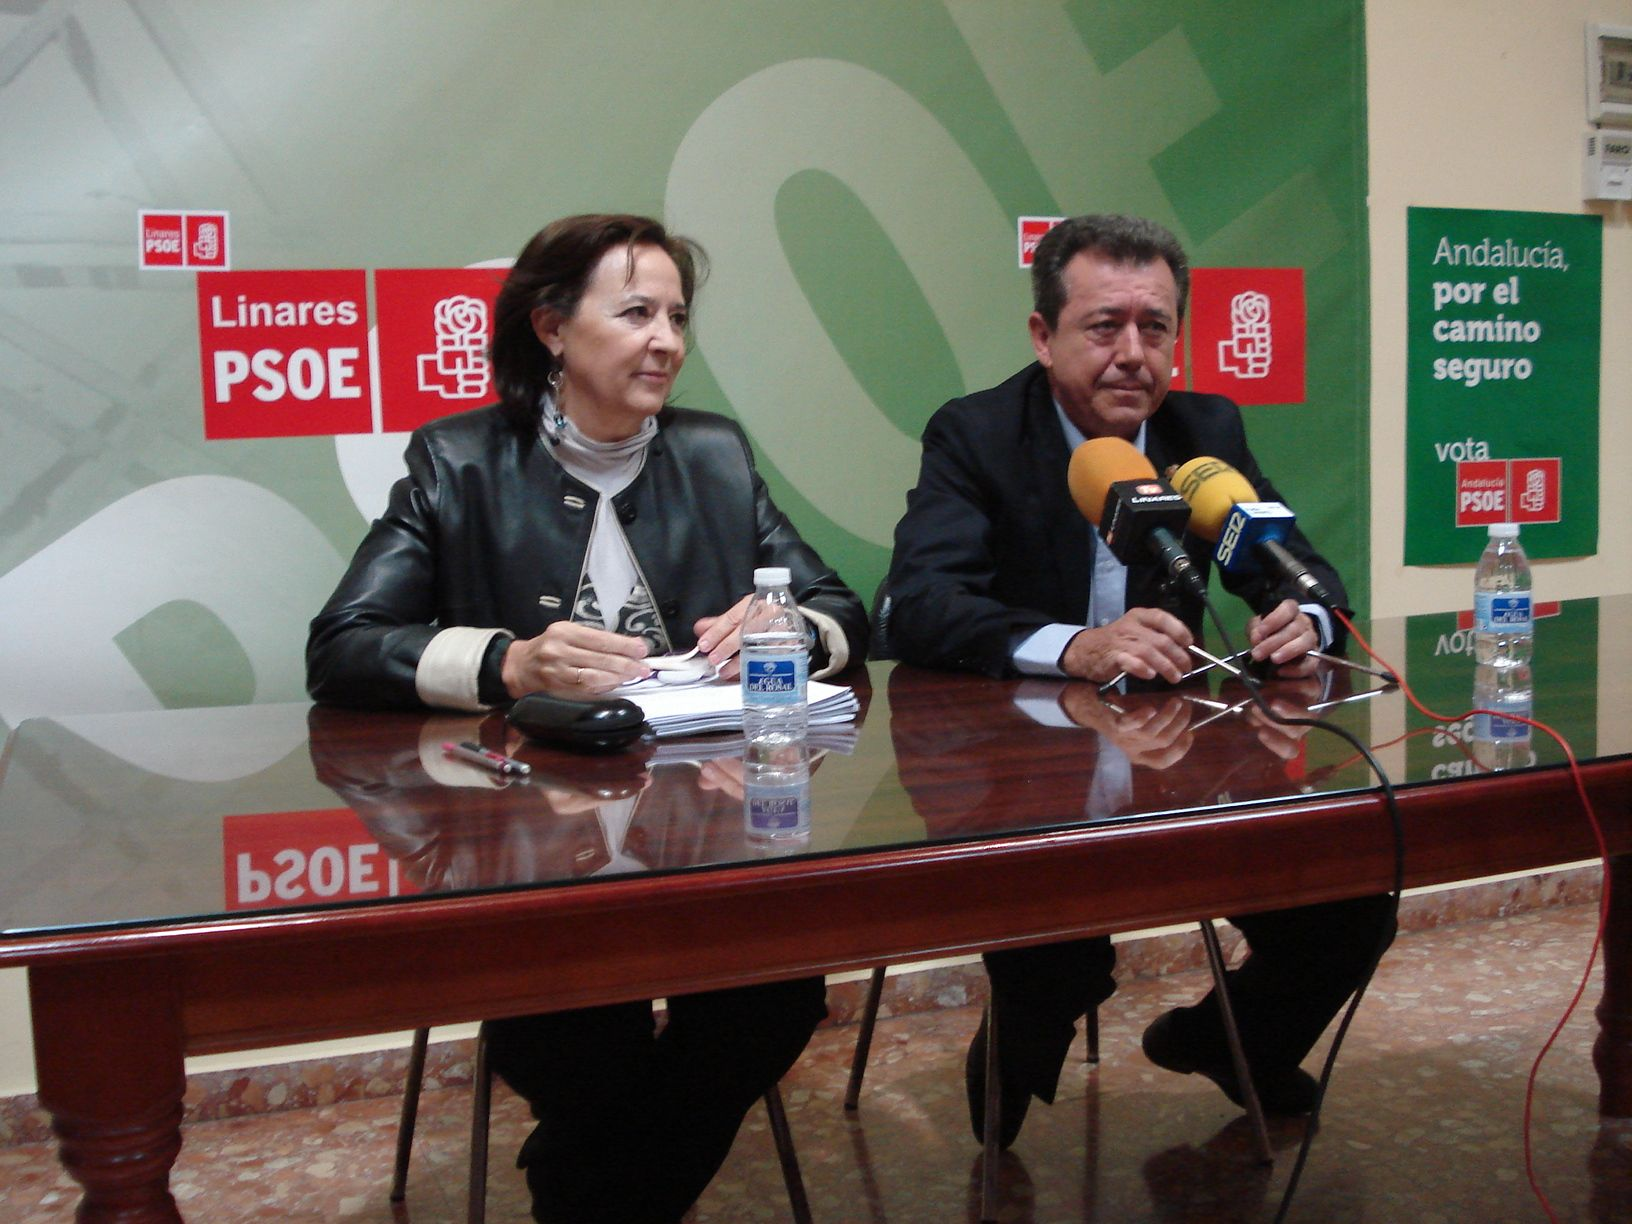 El PSOE demanda al Gobierno una mayor apuesta por el ferrocarril en los presupuestos